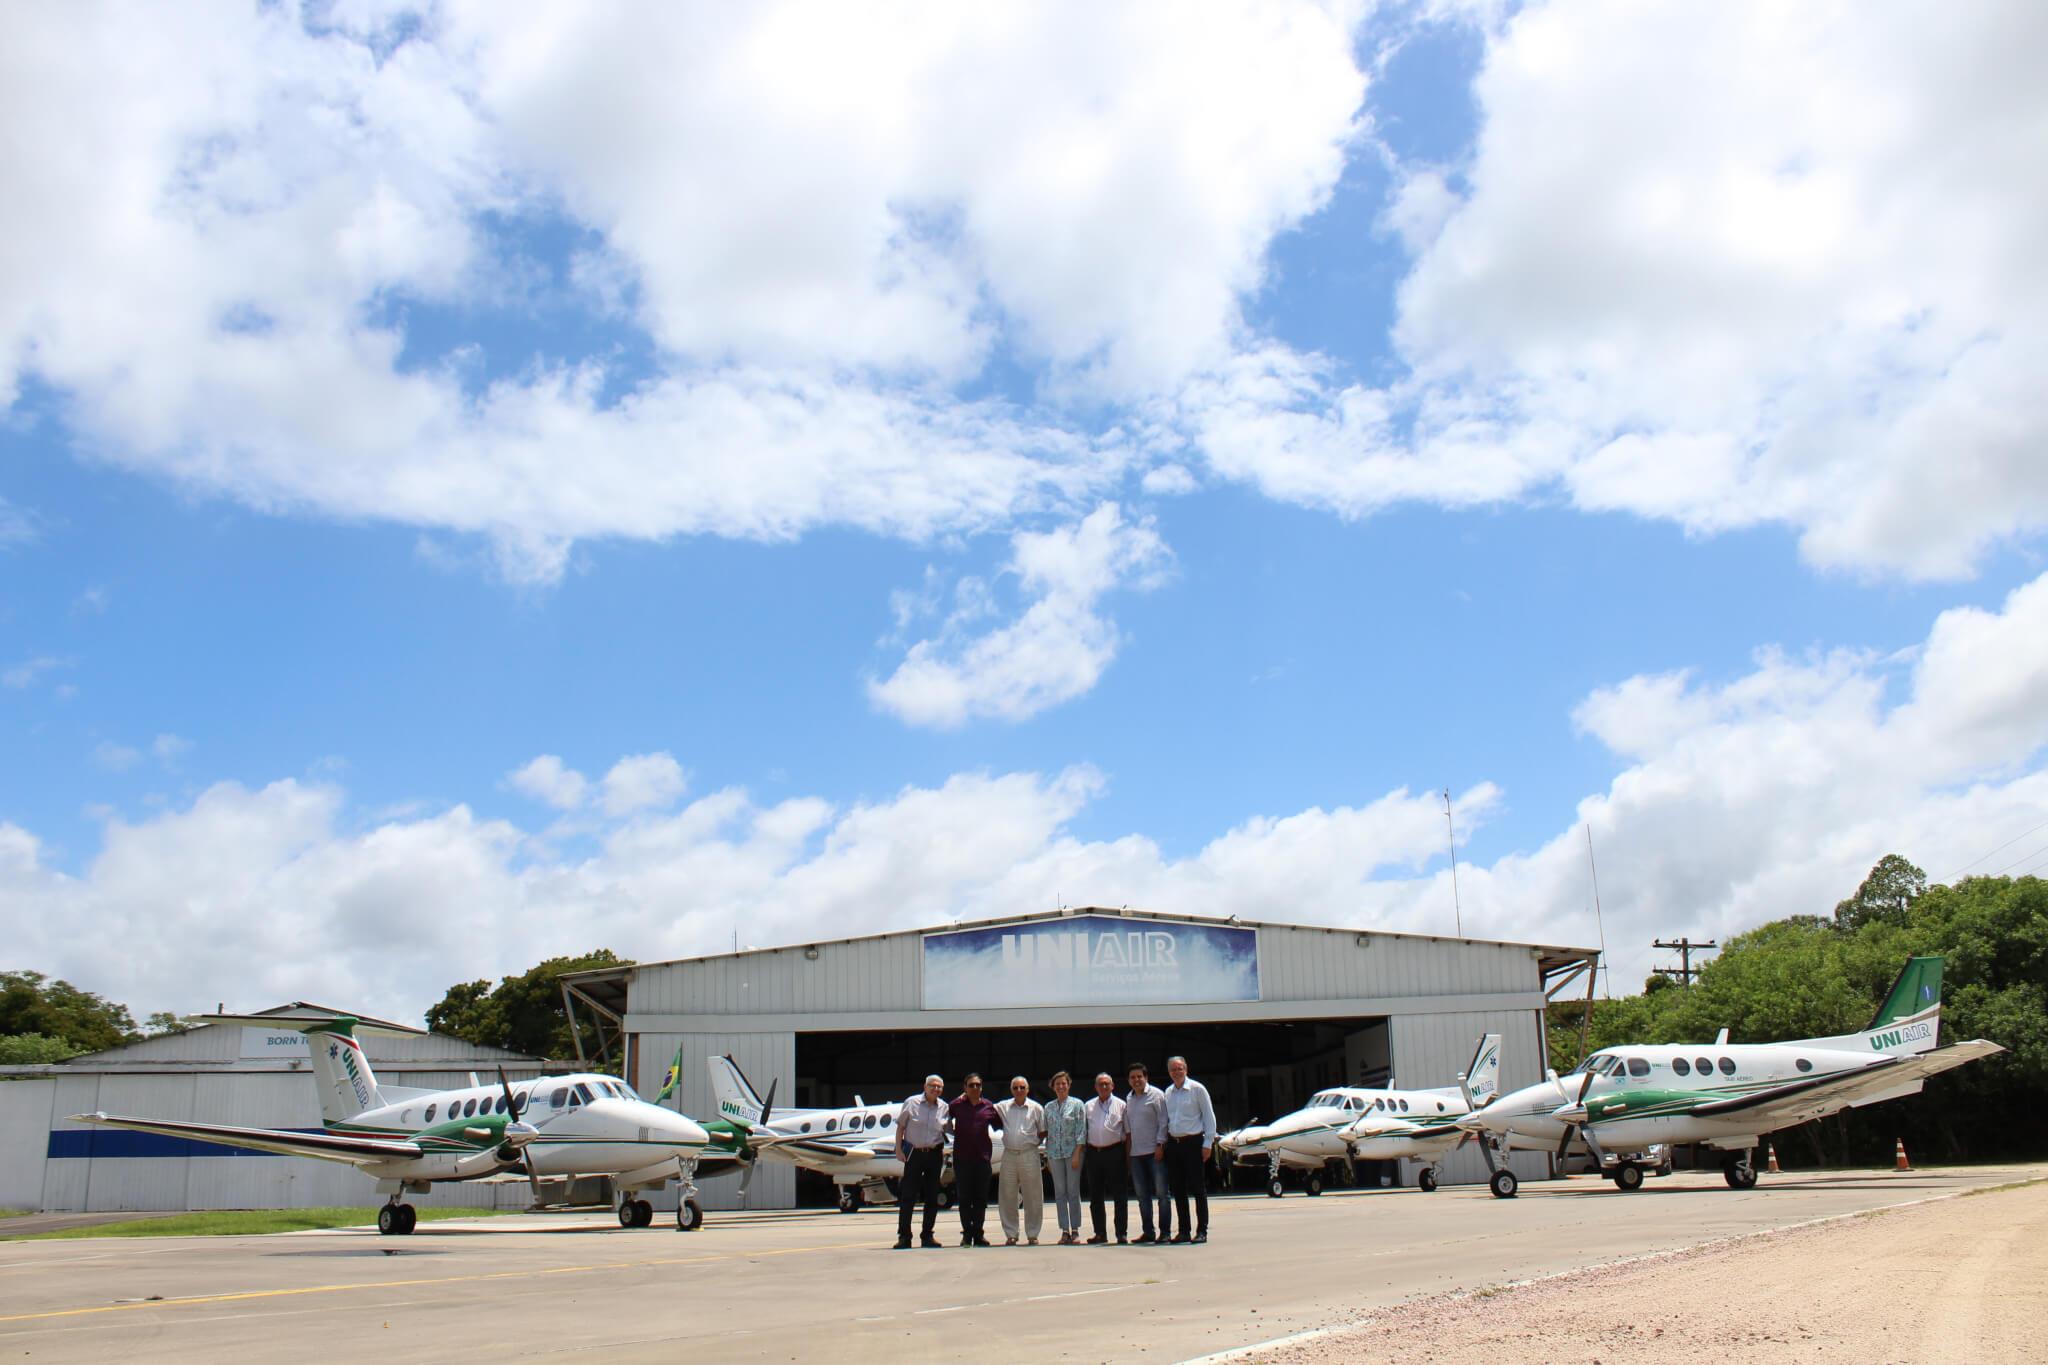 Conselheiros e diretores no hangar, à frente da frota de aeronaves: Ilson Enk, Evando Reis, Nilson Luiz May, Liliane Centeno, Maurício Goldbaum, Luis Carlos Cavalheiro e Ronaldo Mattia